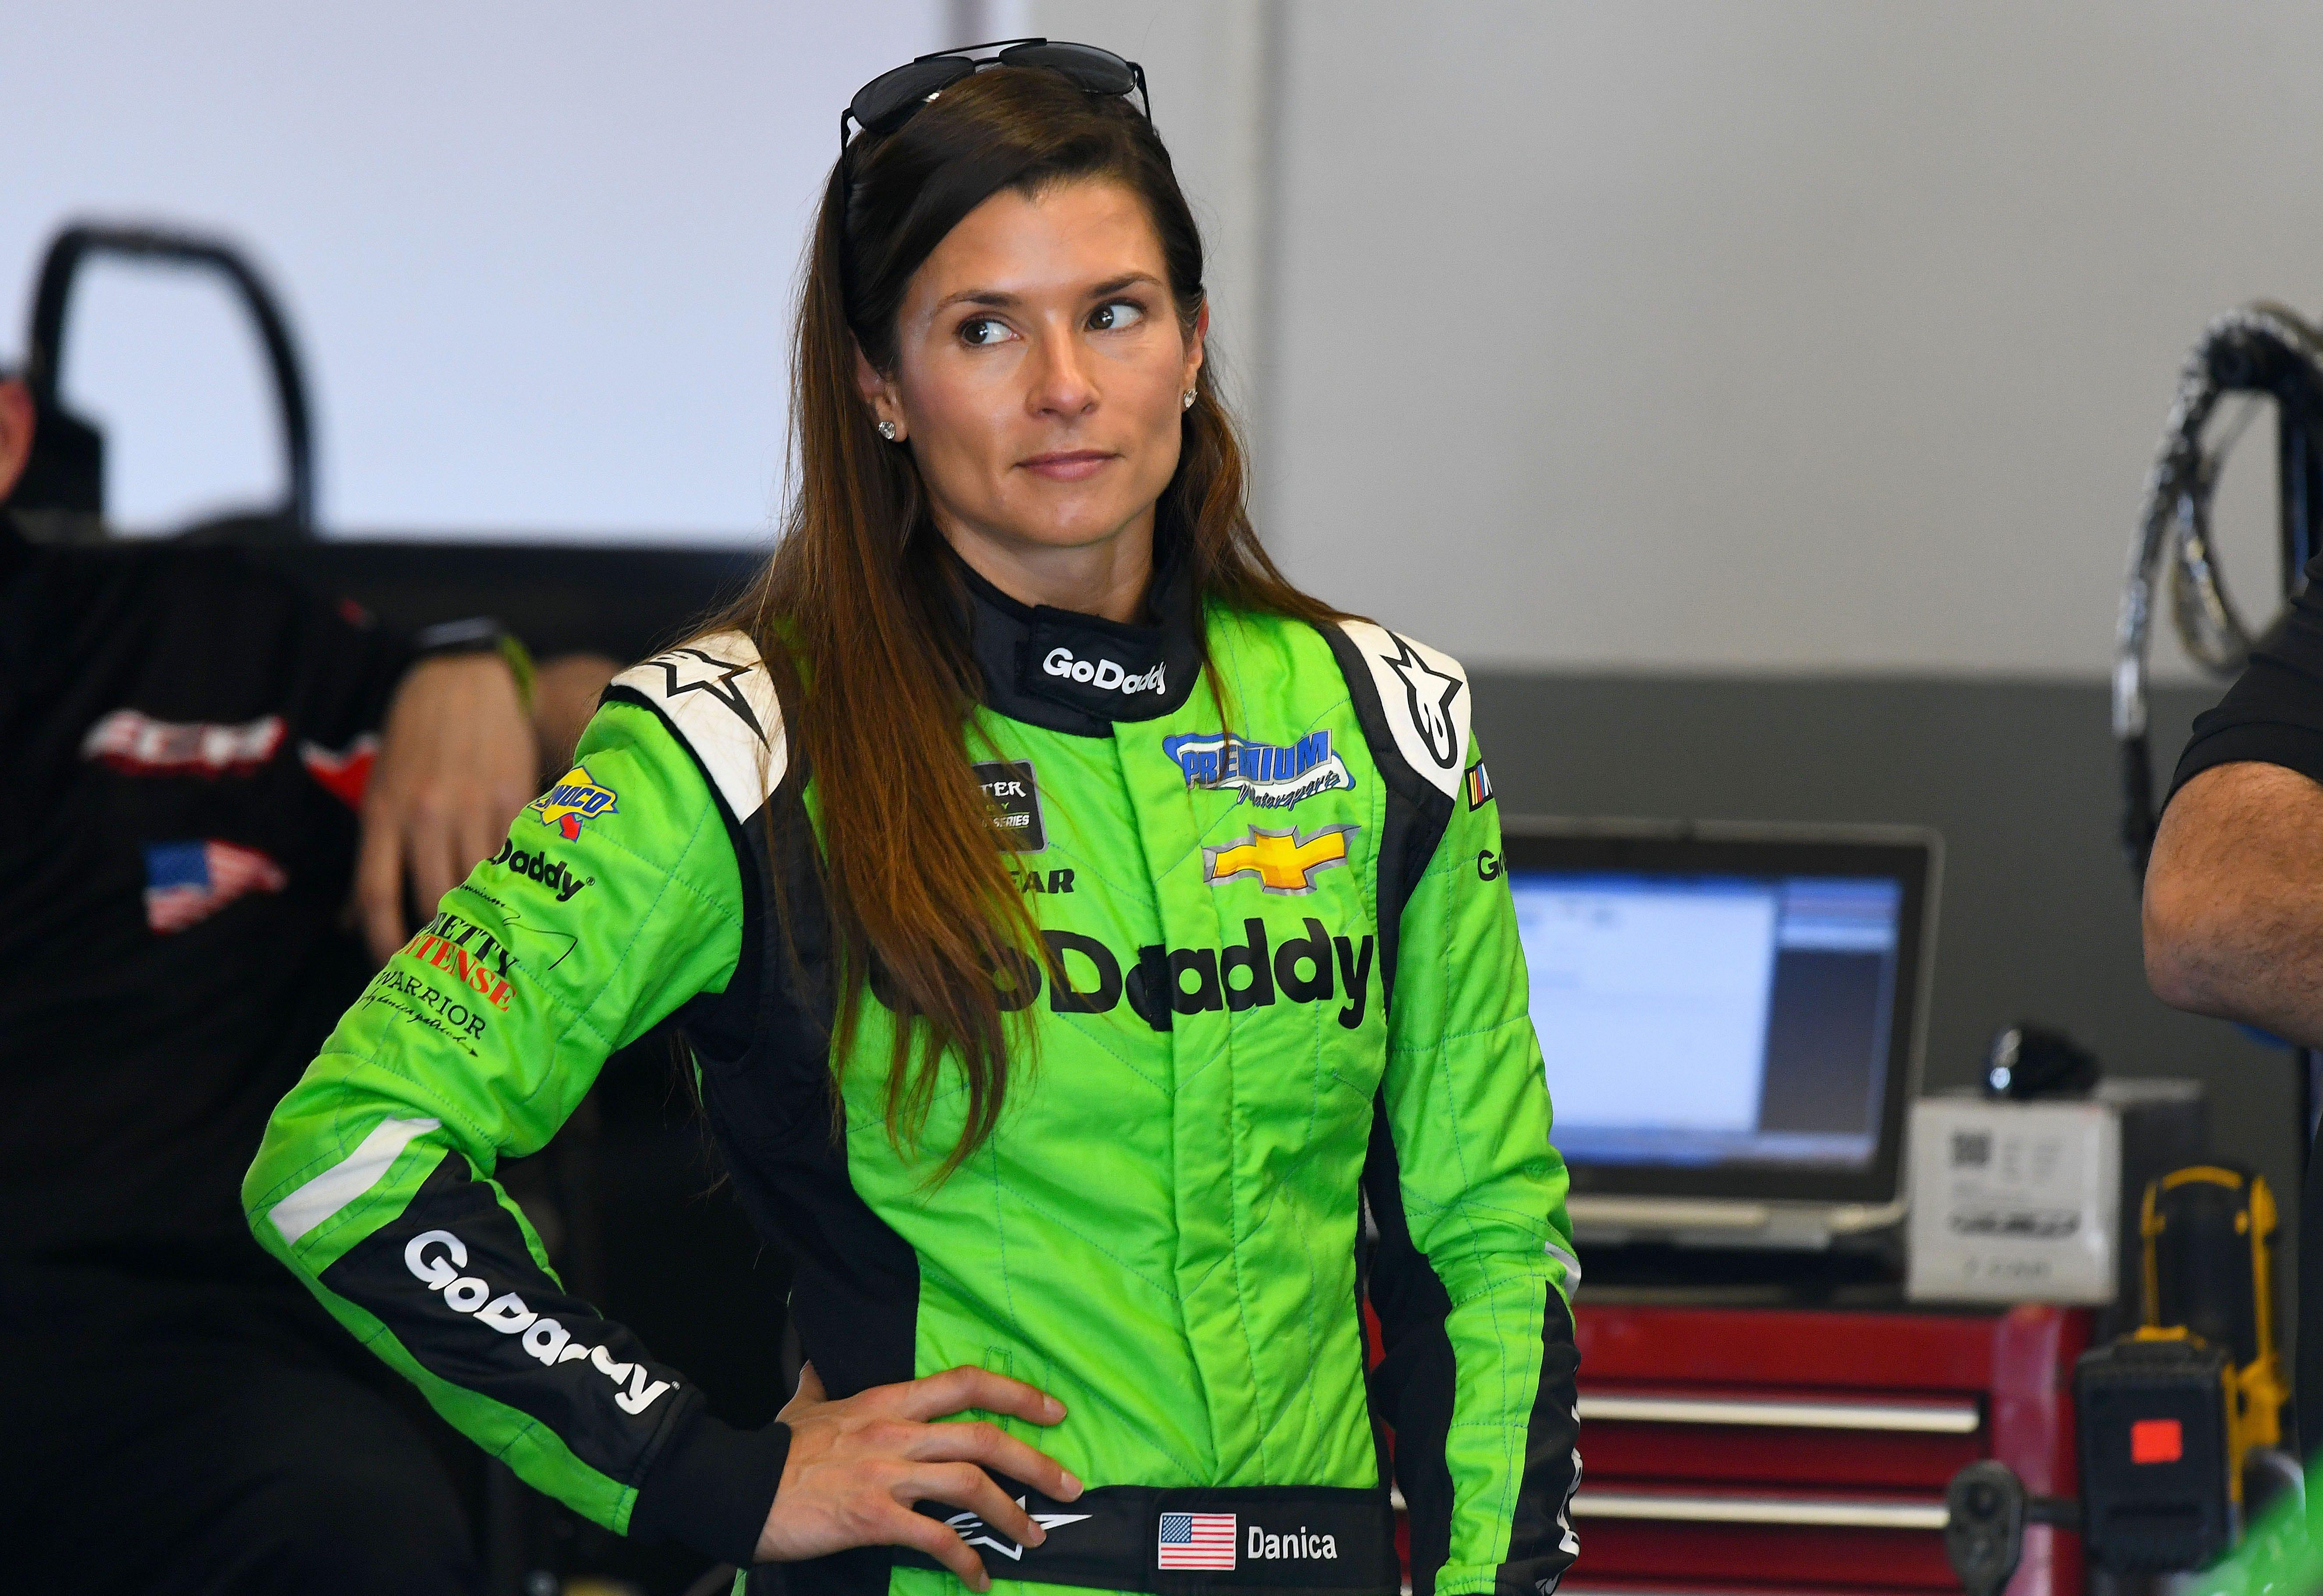 Danica Patrick (Race Car Legends)